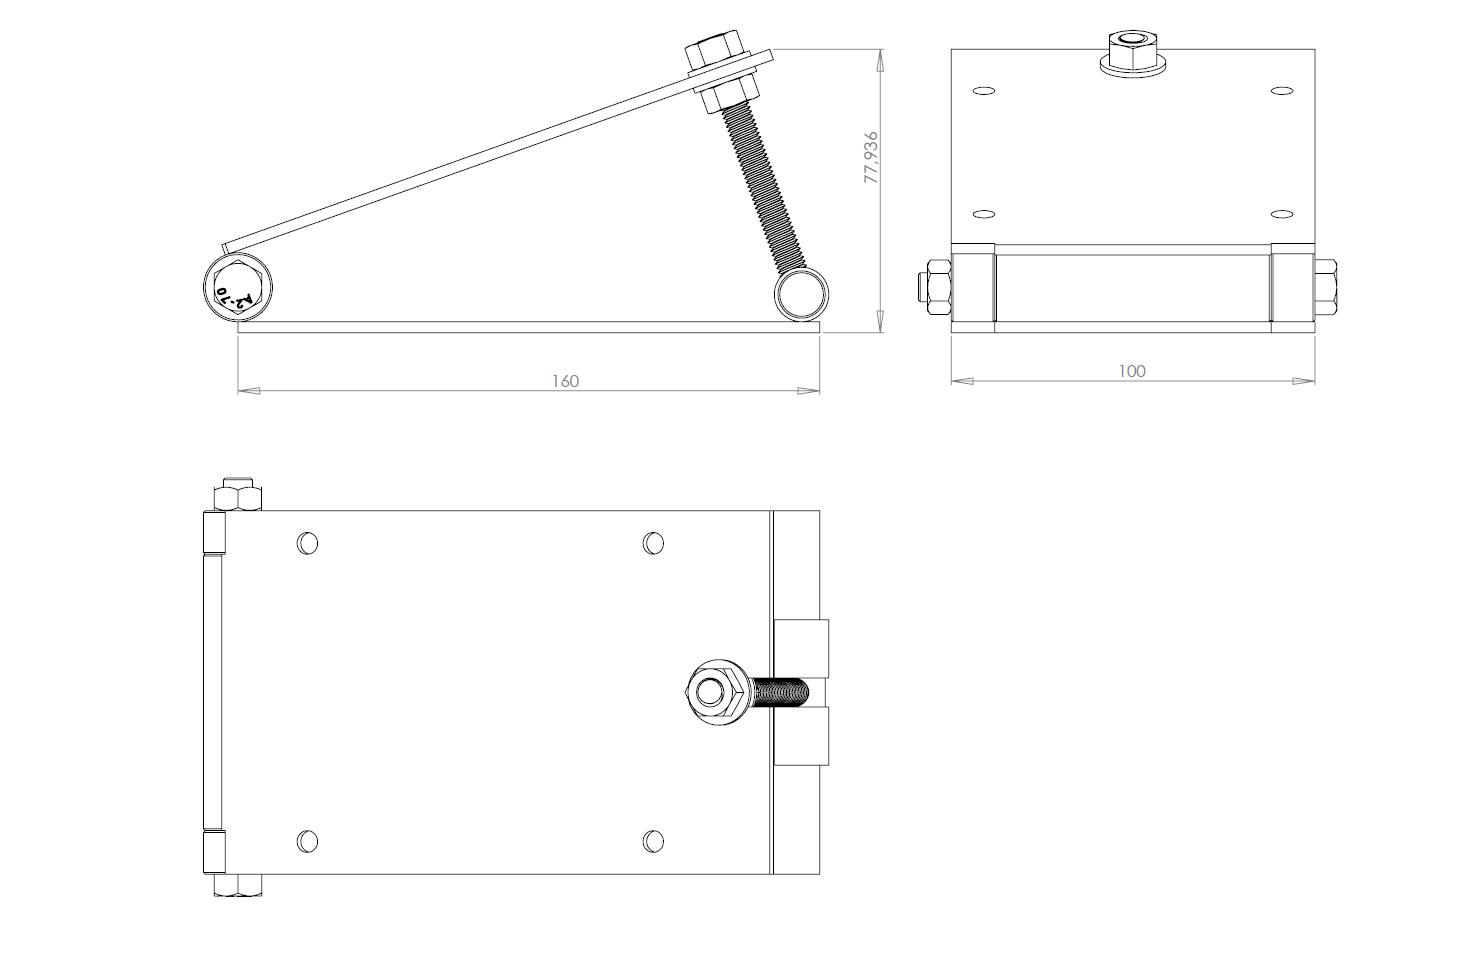 Tentative d'amélioration d'un combinée Sicar Furore 300I - Page 2 710